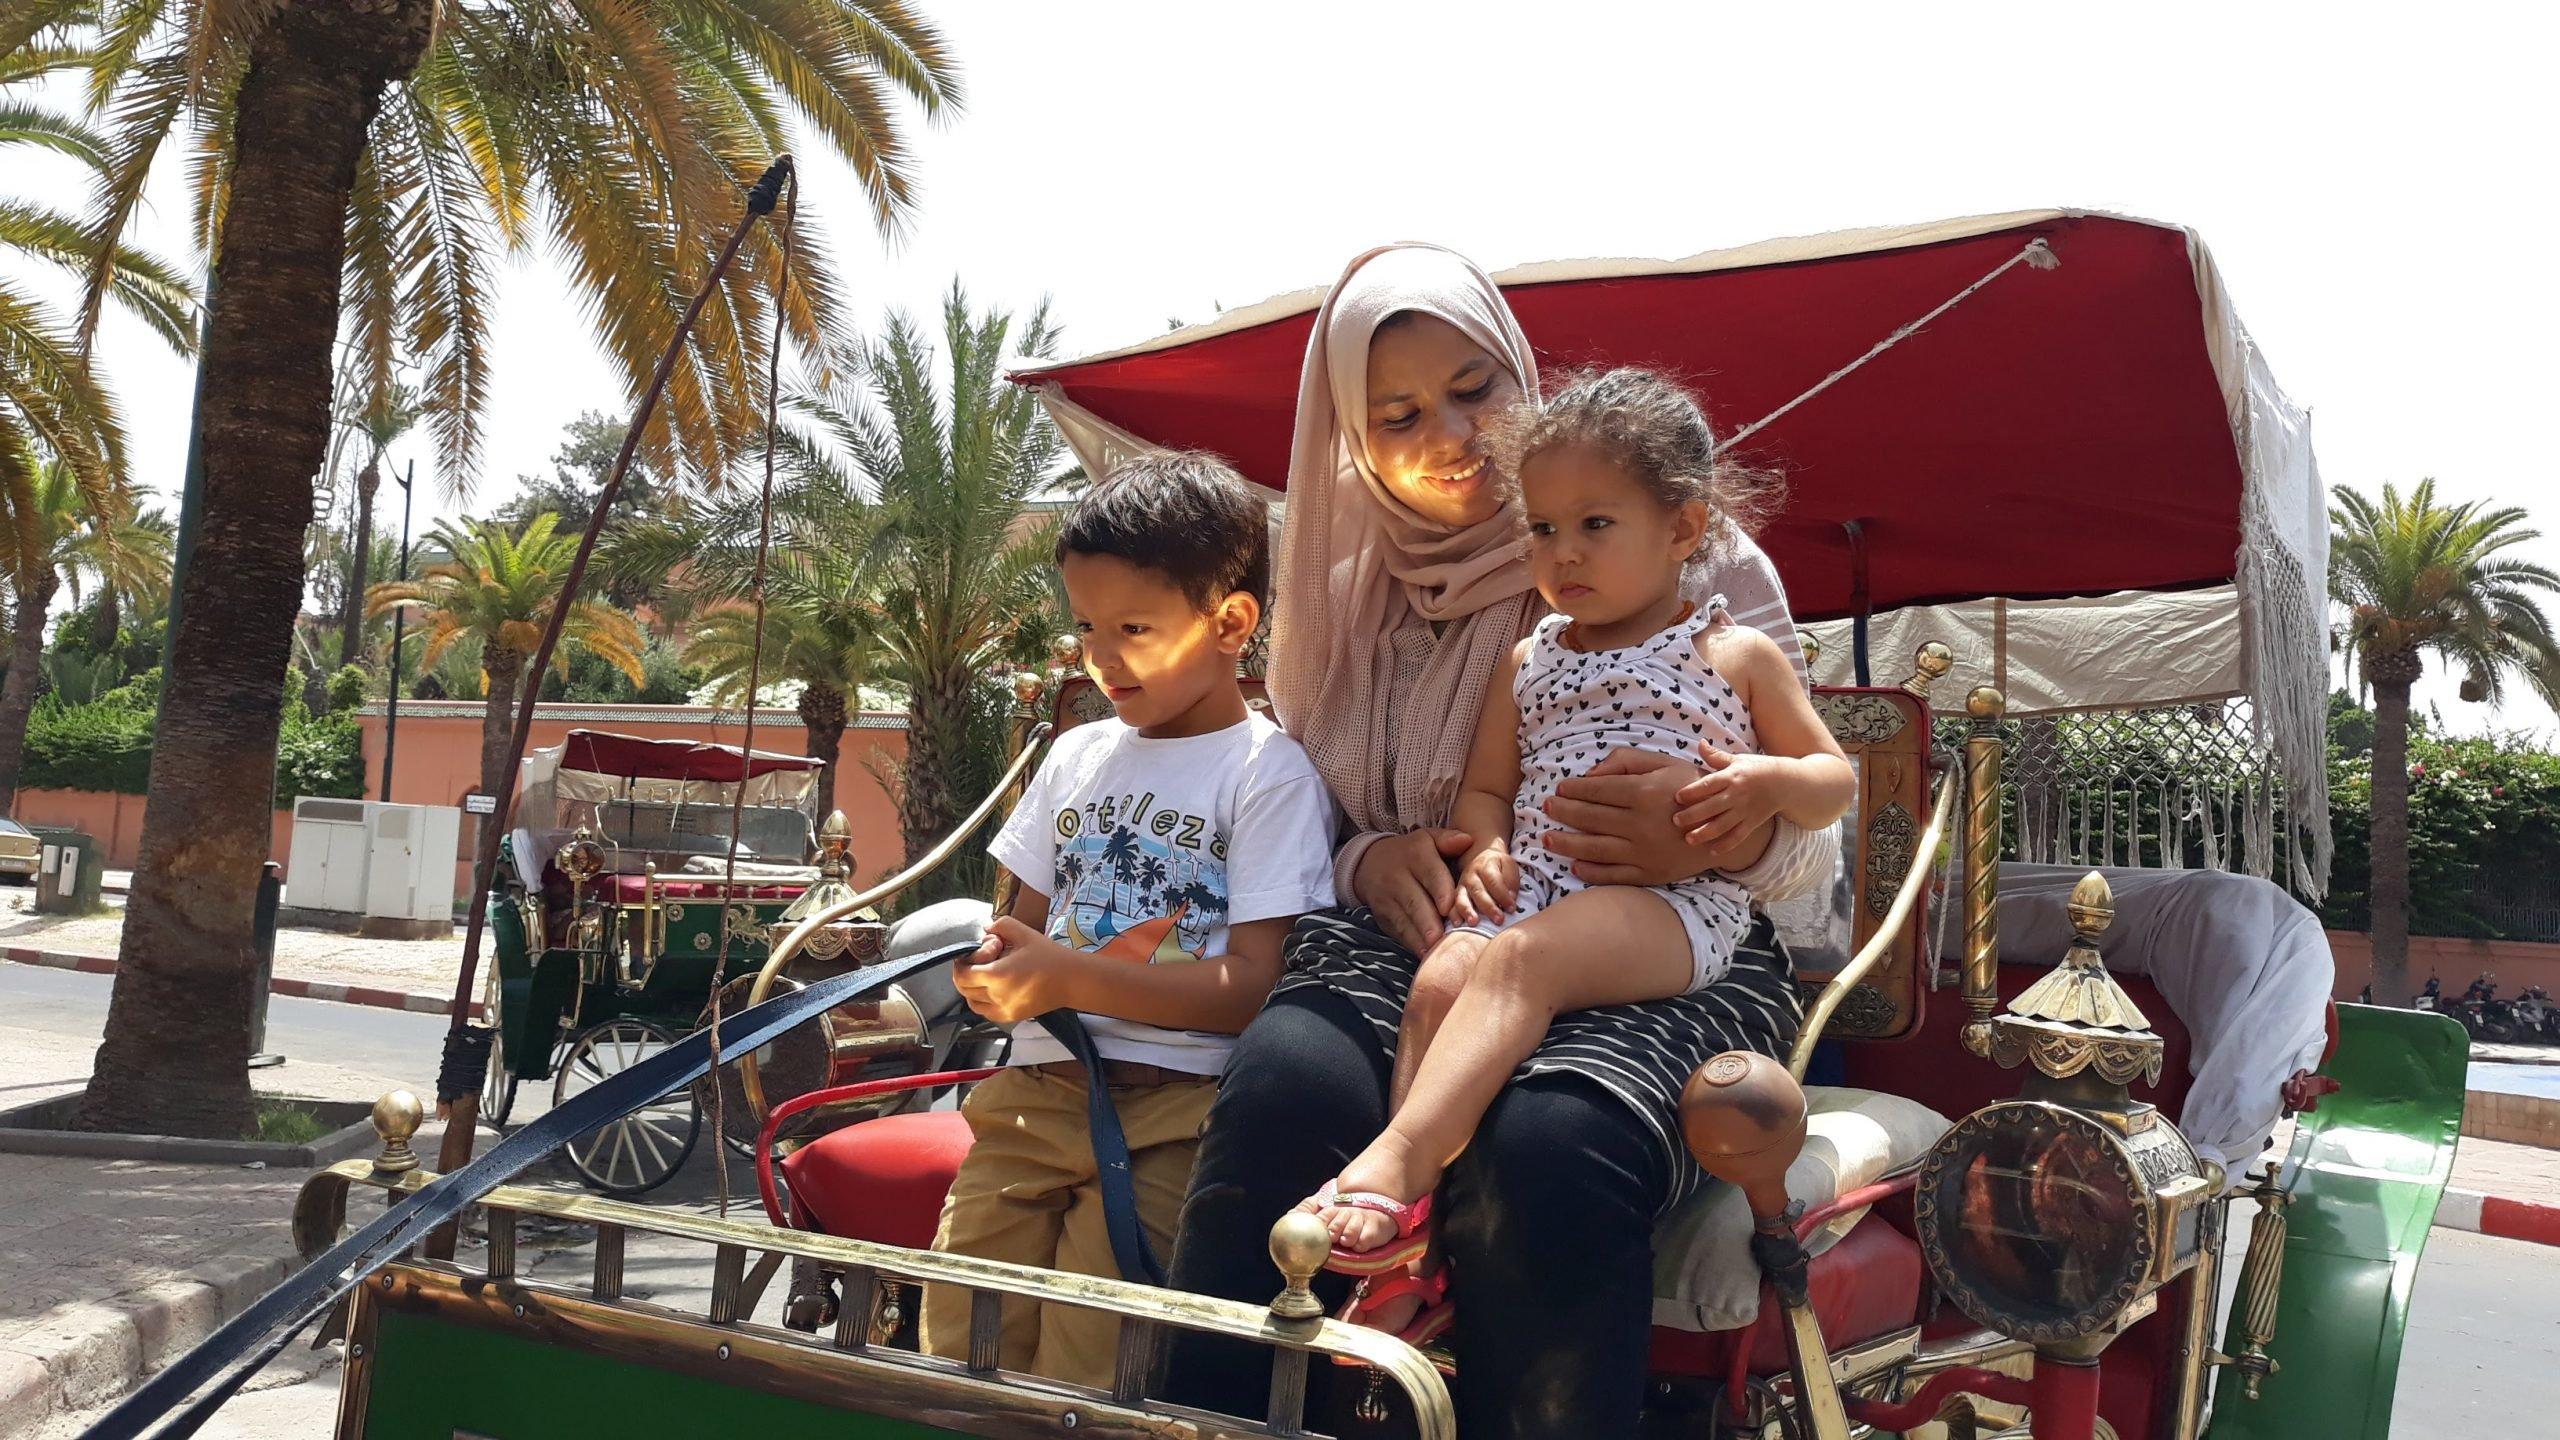 Koetsje in Marrakech